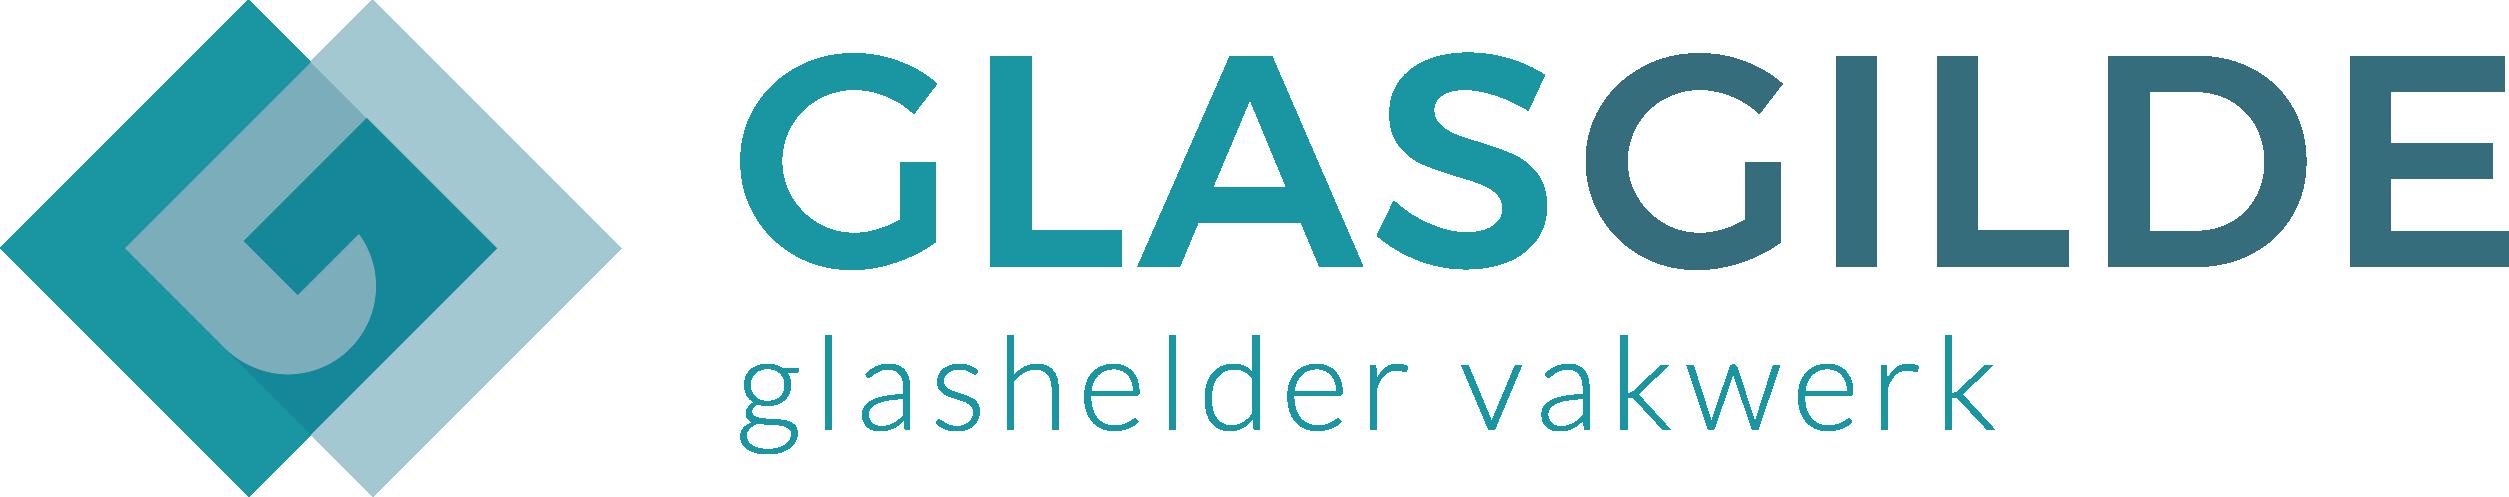 Glasgilde logo